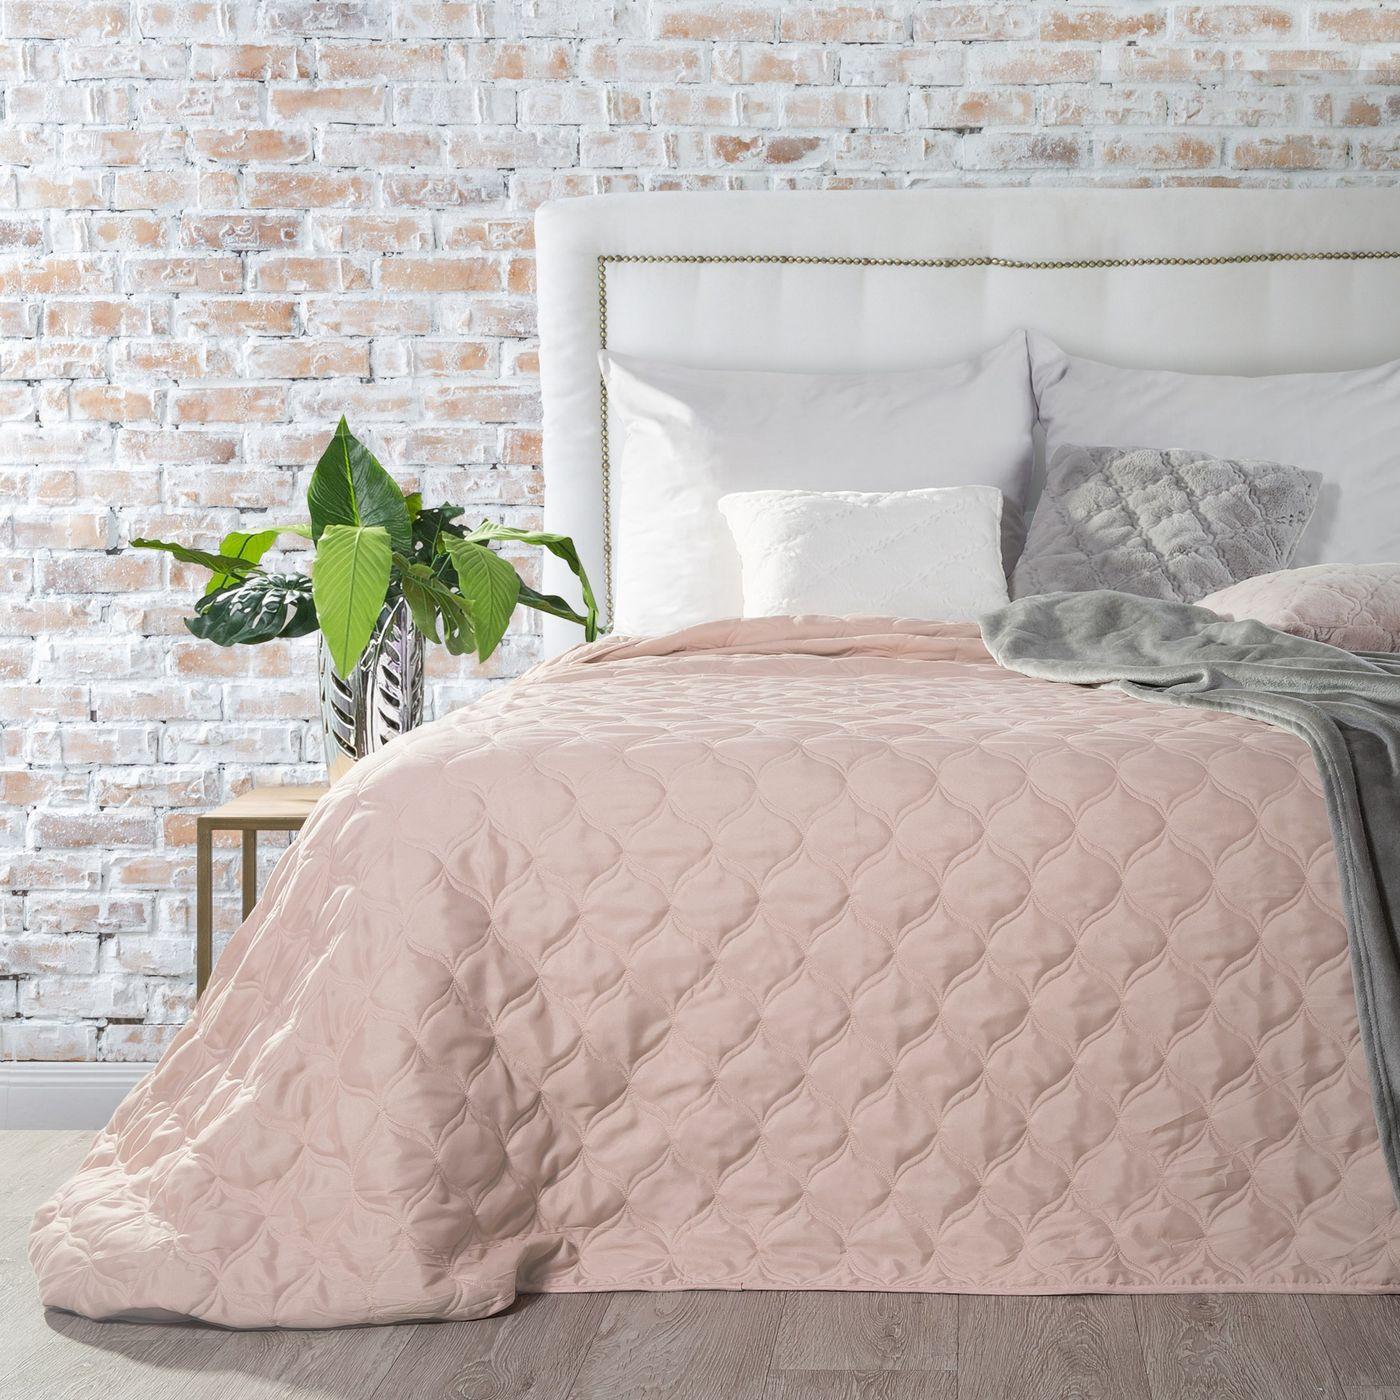 Narzuta na łóżko przeszywana 170x210 cm różowa